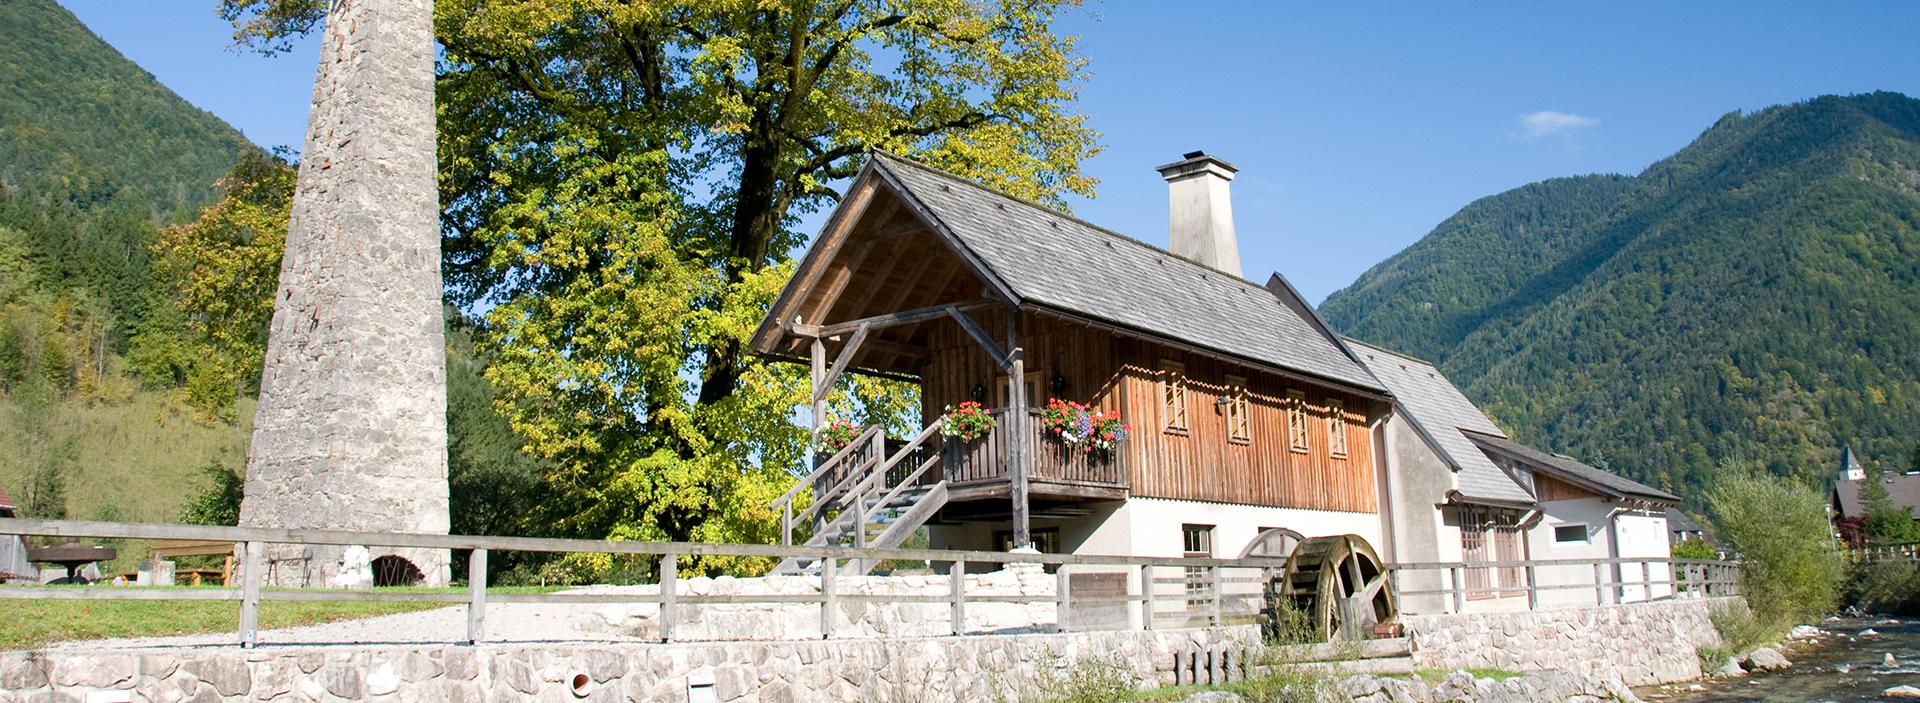 Ausflugsziel Treffenguthammer in Hollenstein/Ybbs